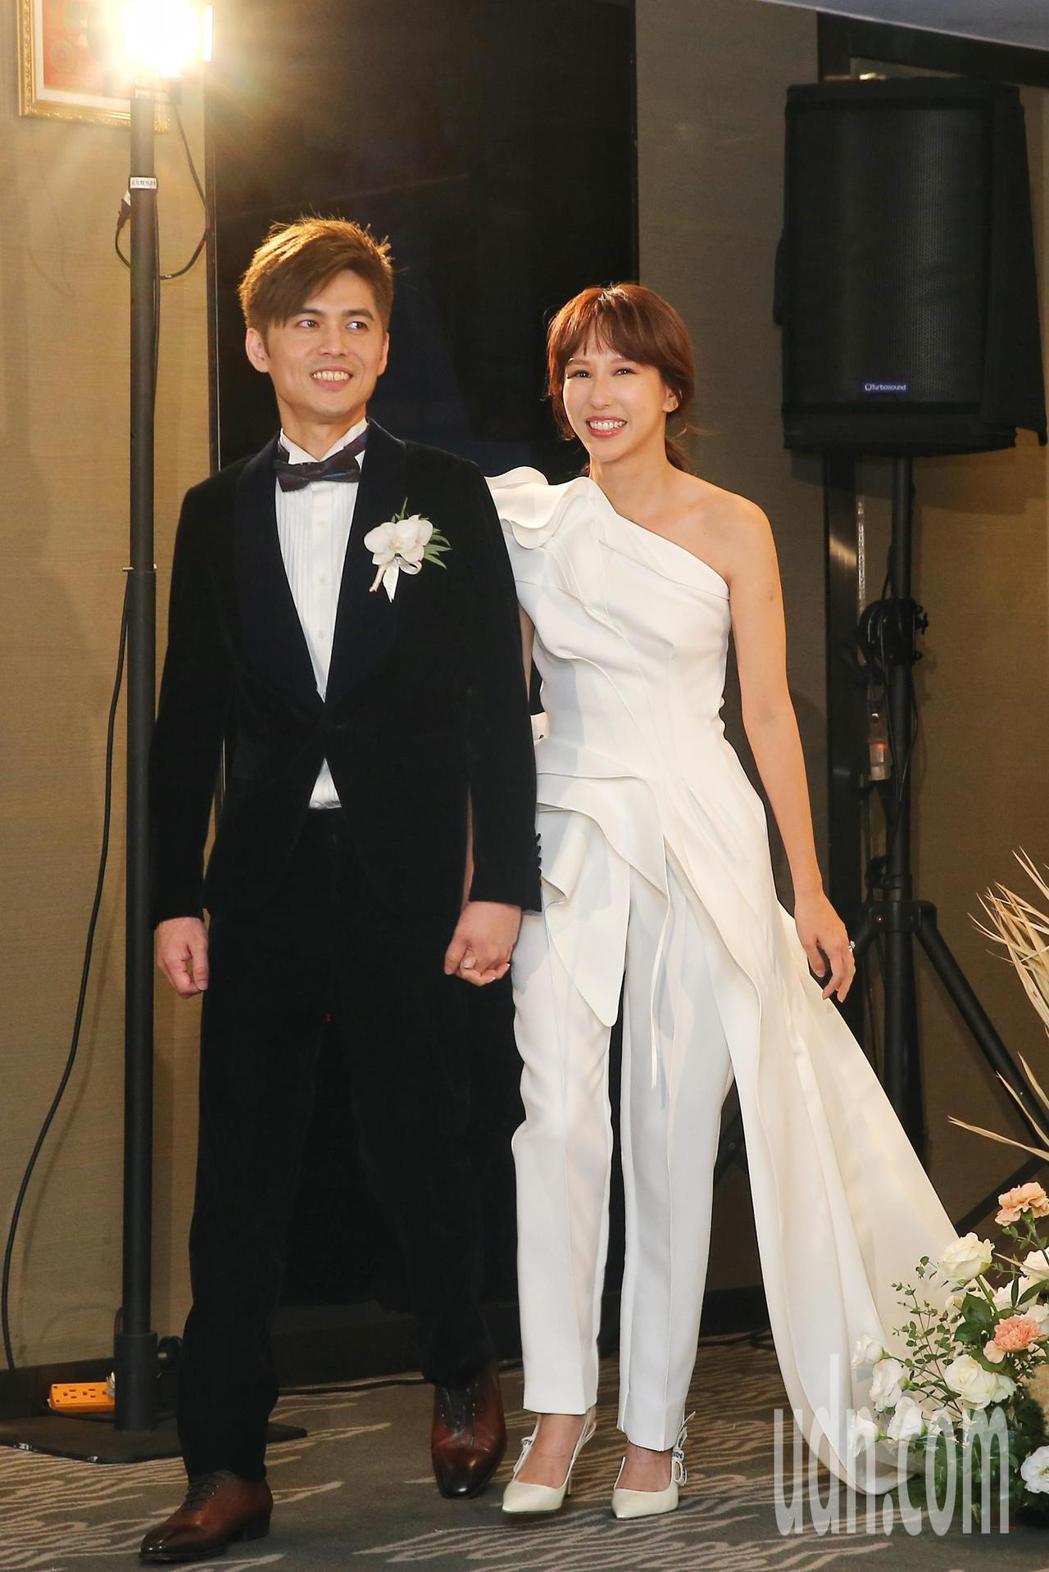 新加坡女歌手潘嘉麗(右)與音樂製作人老公游政豪(左)今晚於晶華酒店舉辦婚宴。記者